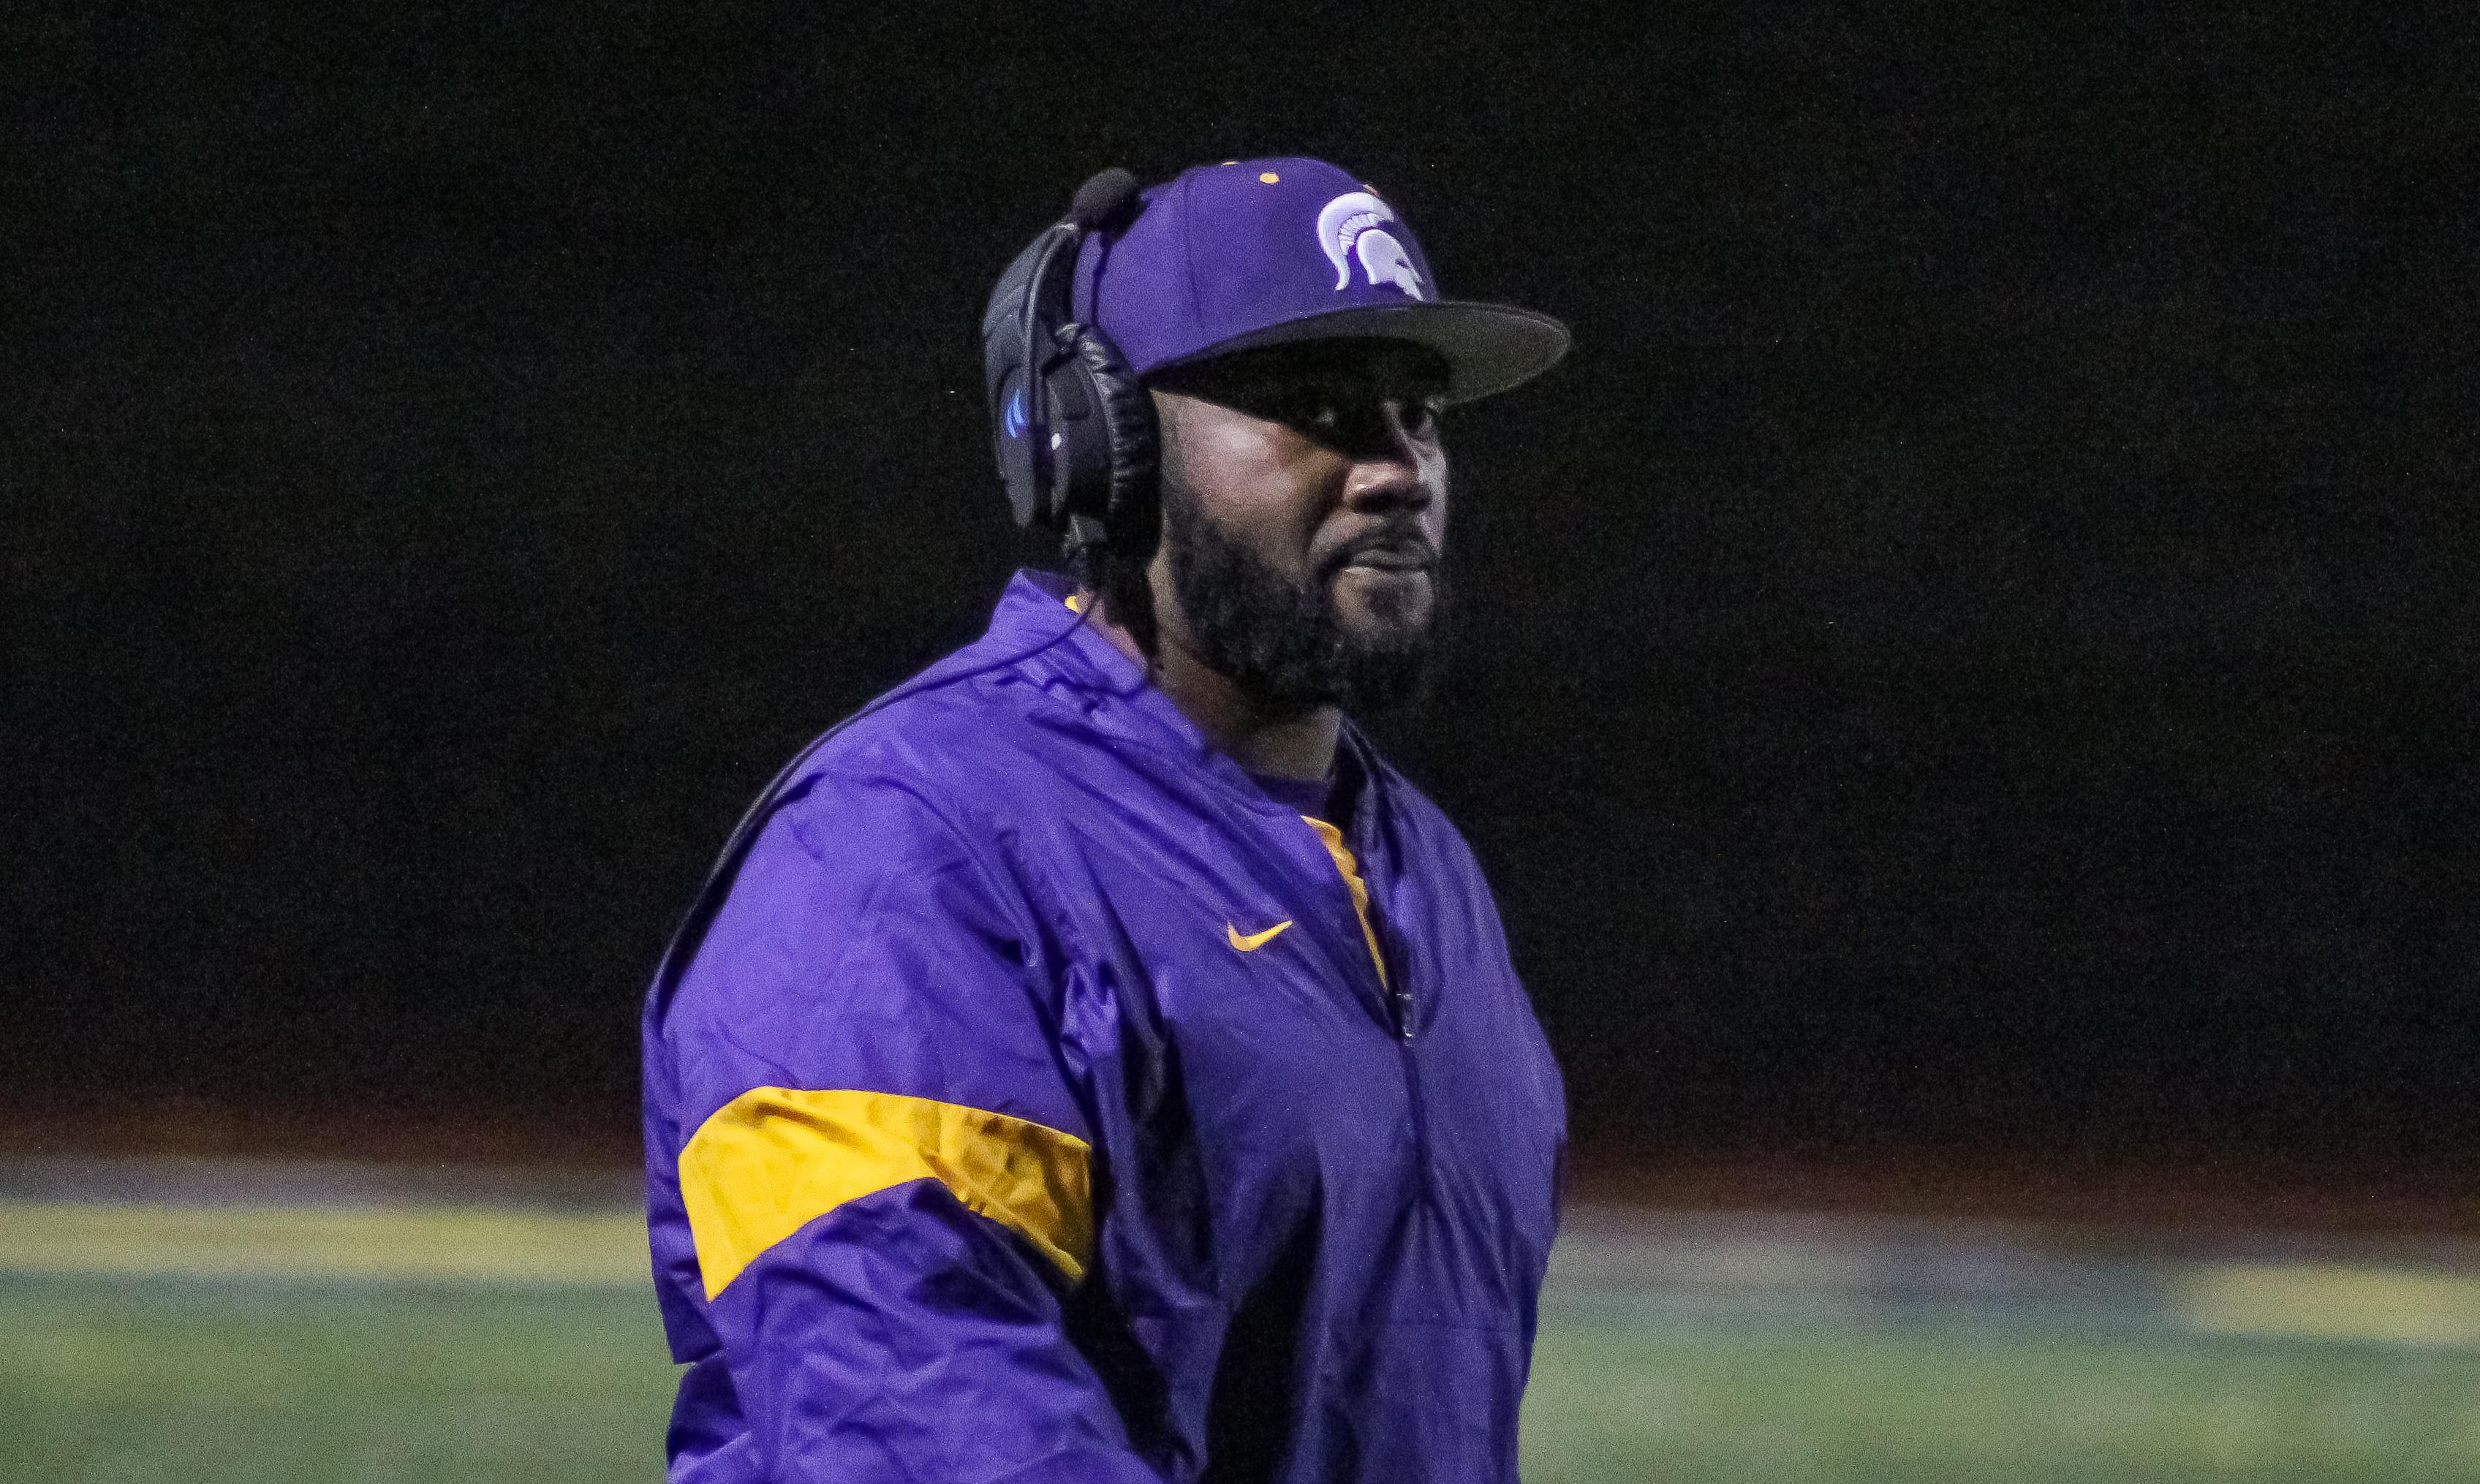 Pleasant Grove head coach Darrell LeBeaux